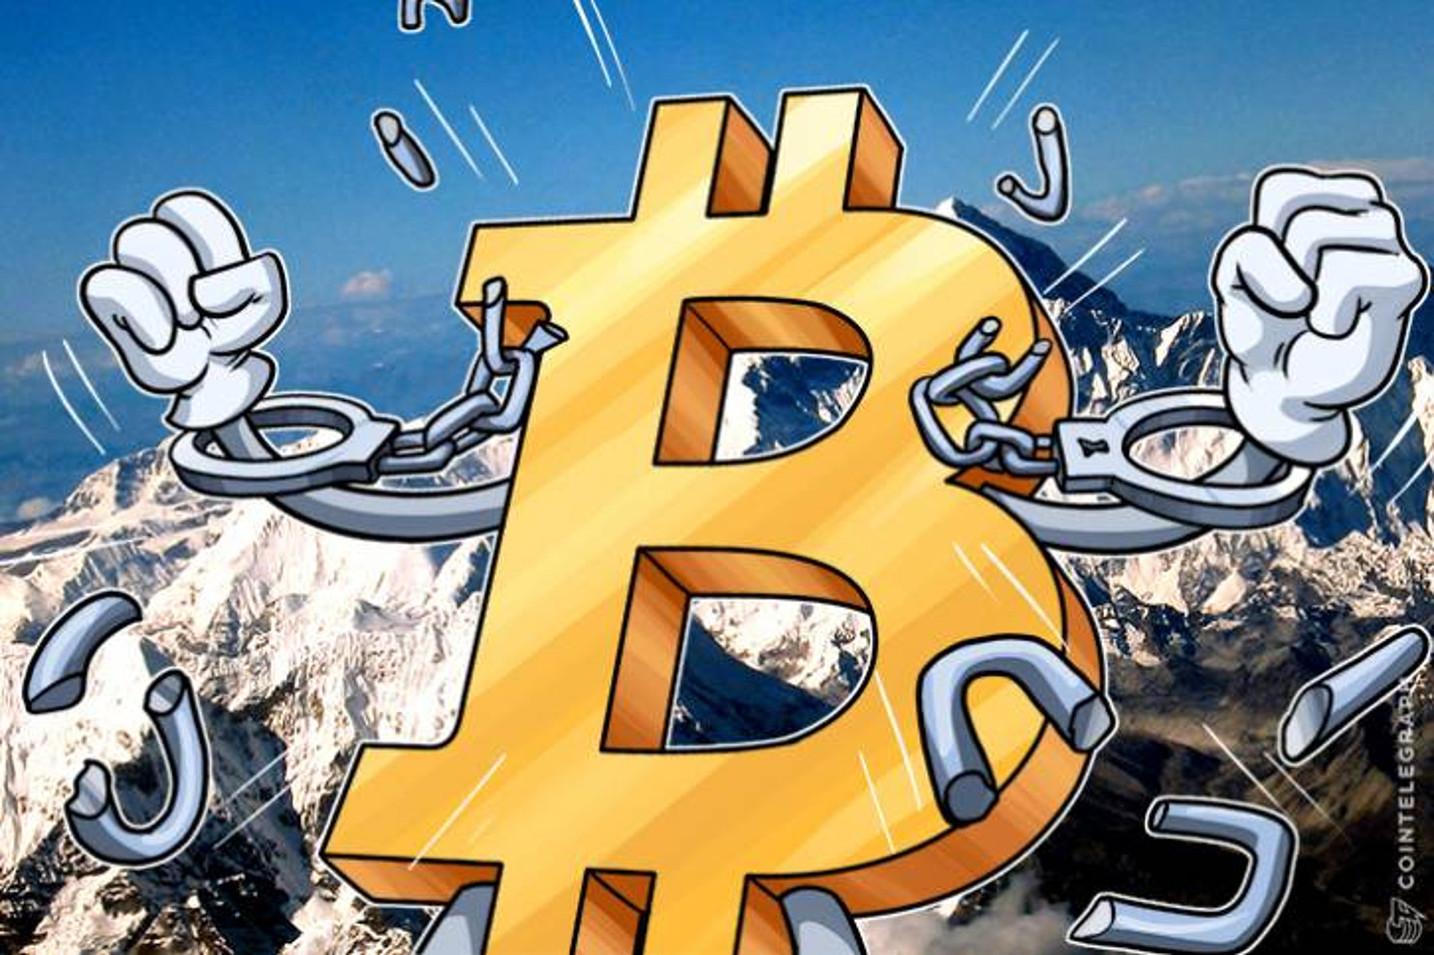 【速報】ビットコイン急反発 ダウ過去最大の上げ幅の中|ガチホ勢は揺るぎなし【仮想通貨相場】